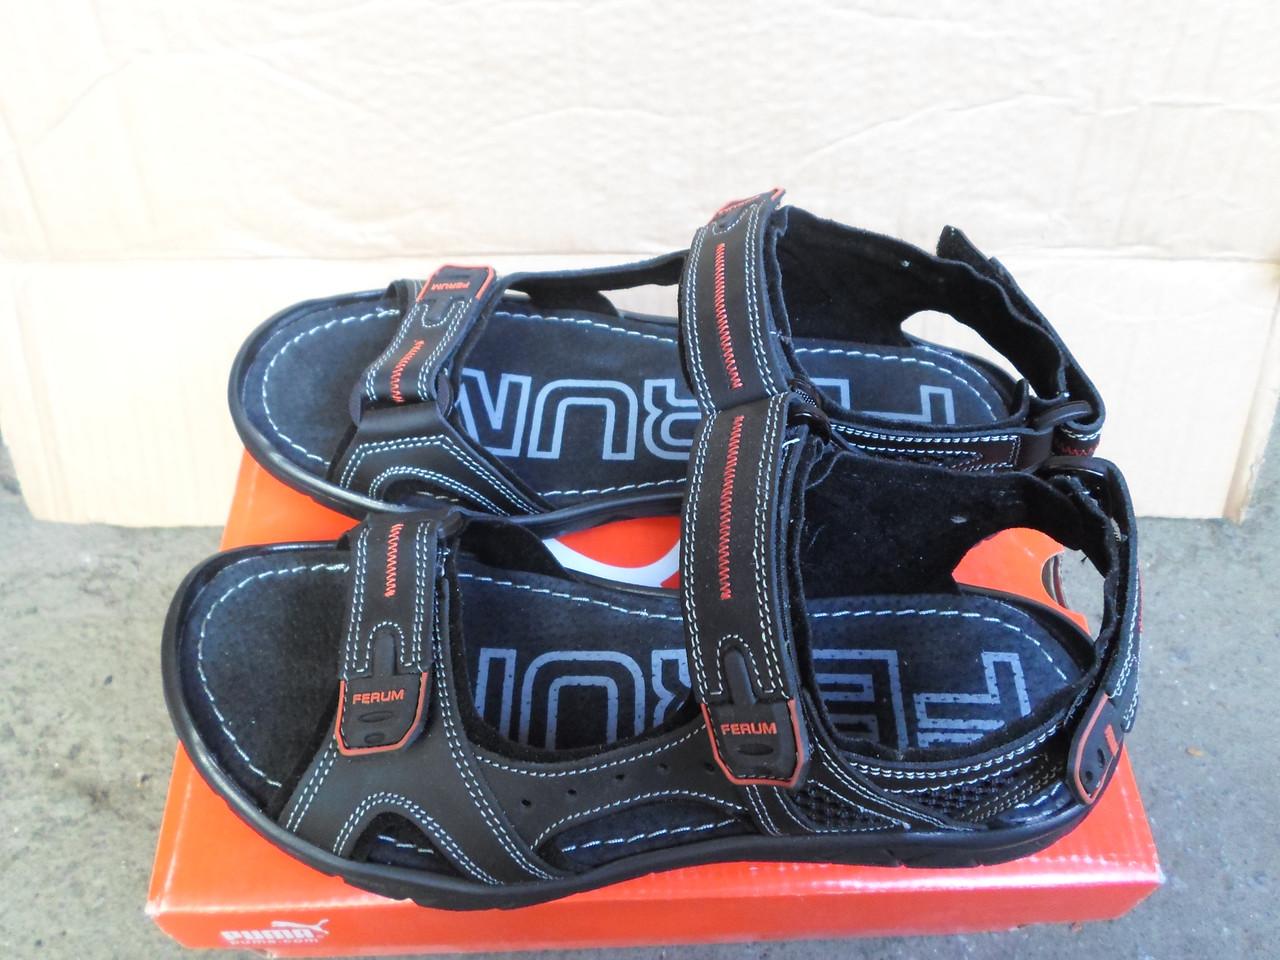 afd6ff4bc5a Летние кожаные мужские сандали на липучках Ferum - Интернет-магазин Дом  Обуви в Хмельницком